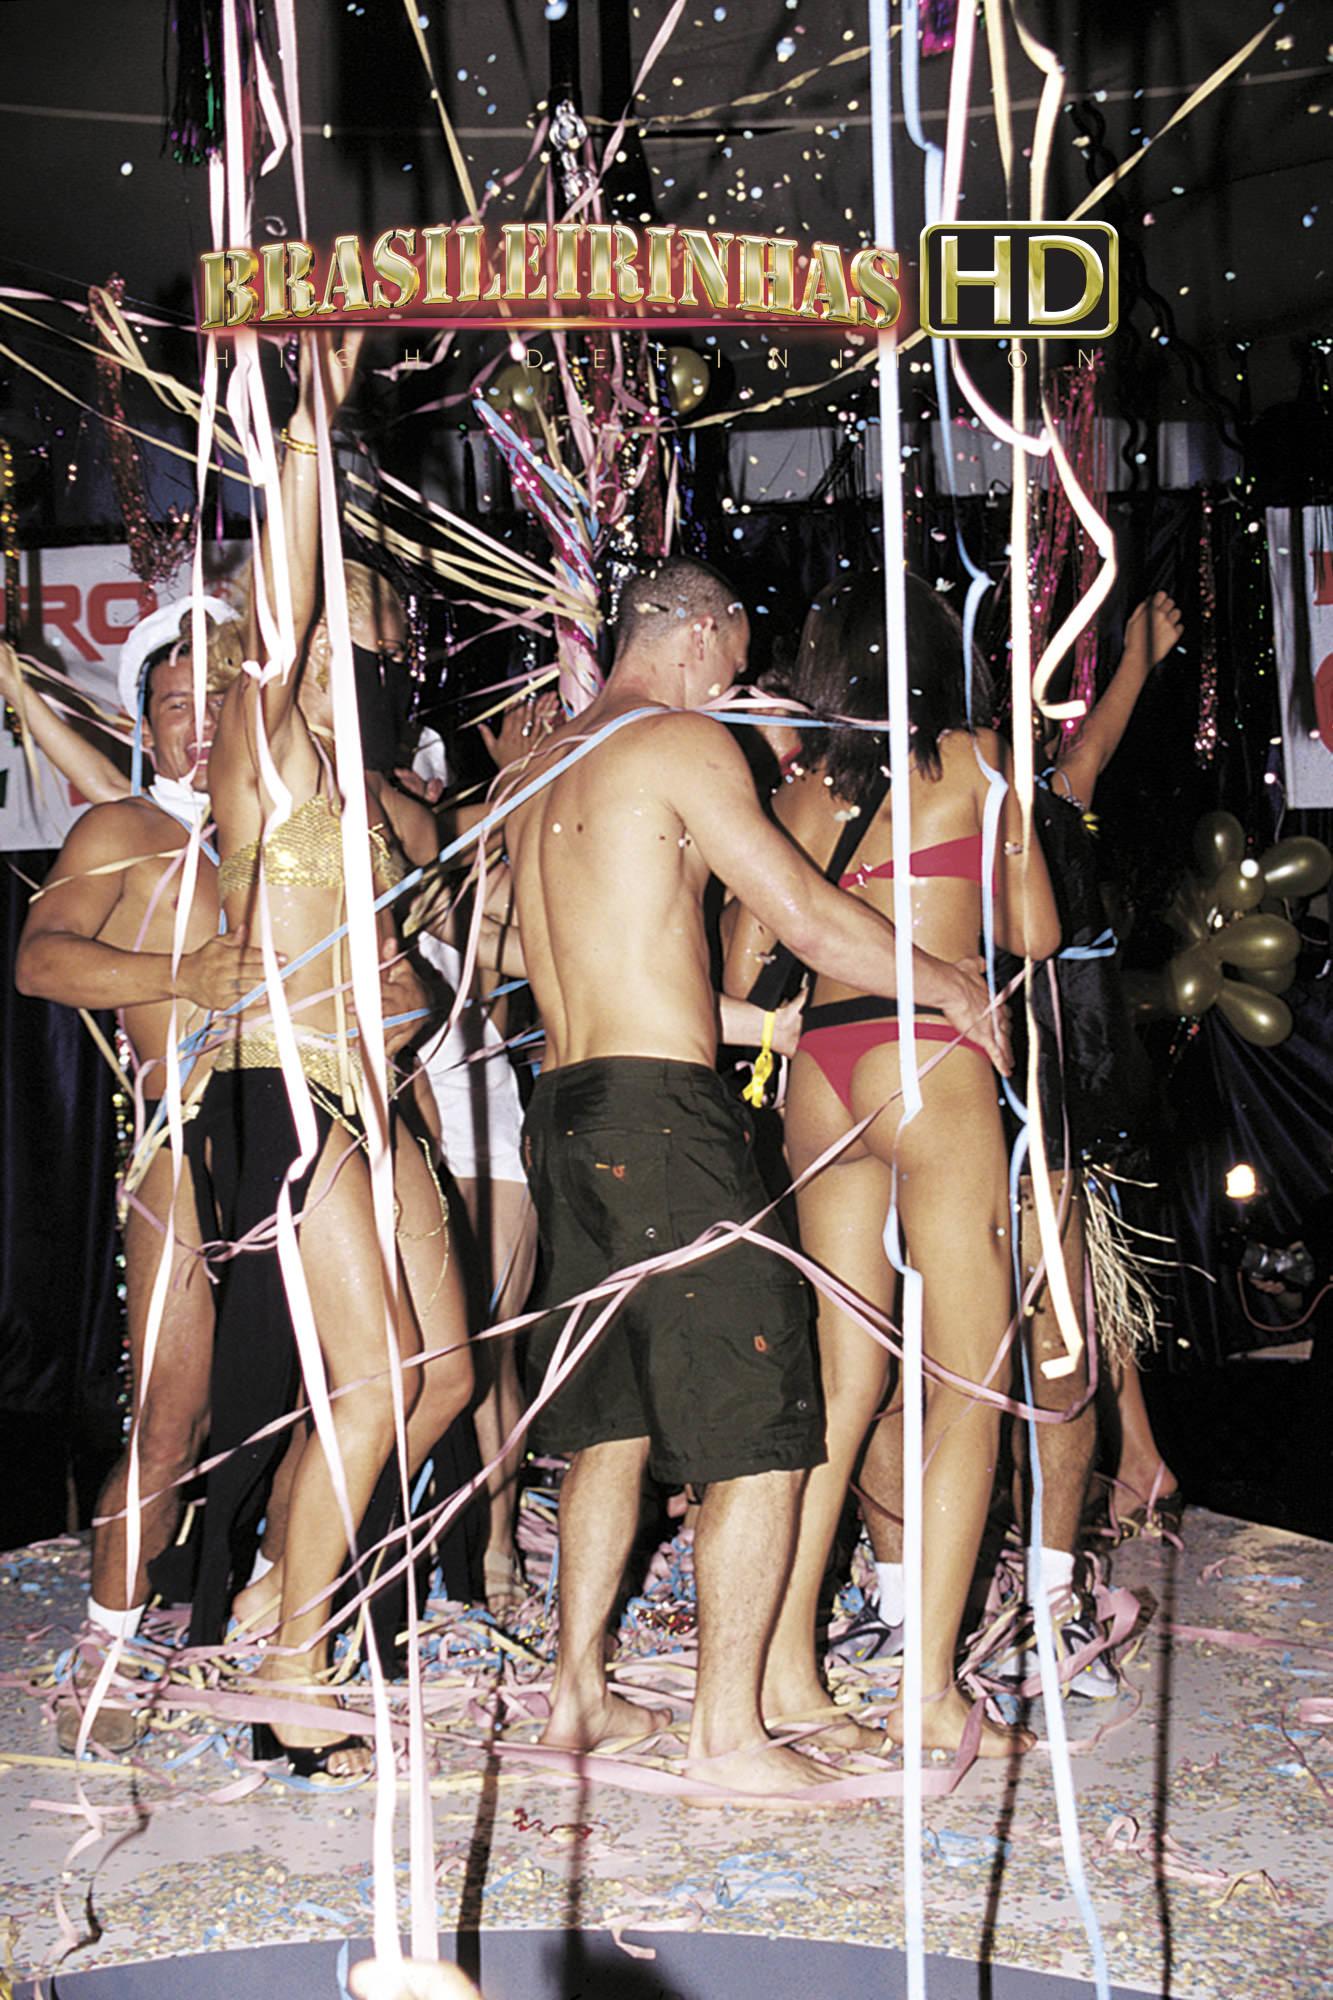 festa sexo ver filme de sexo